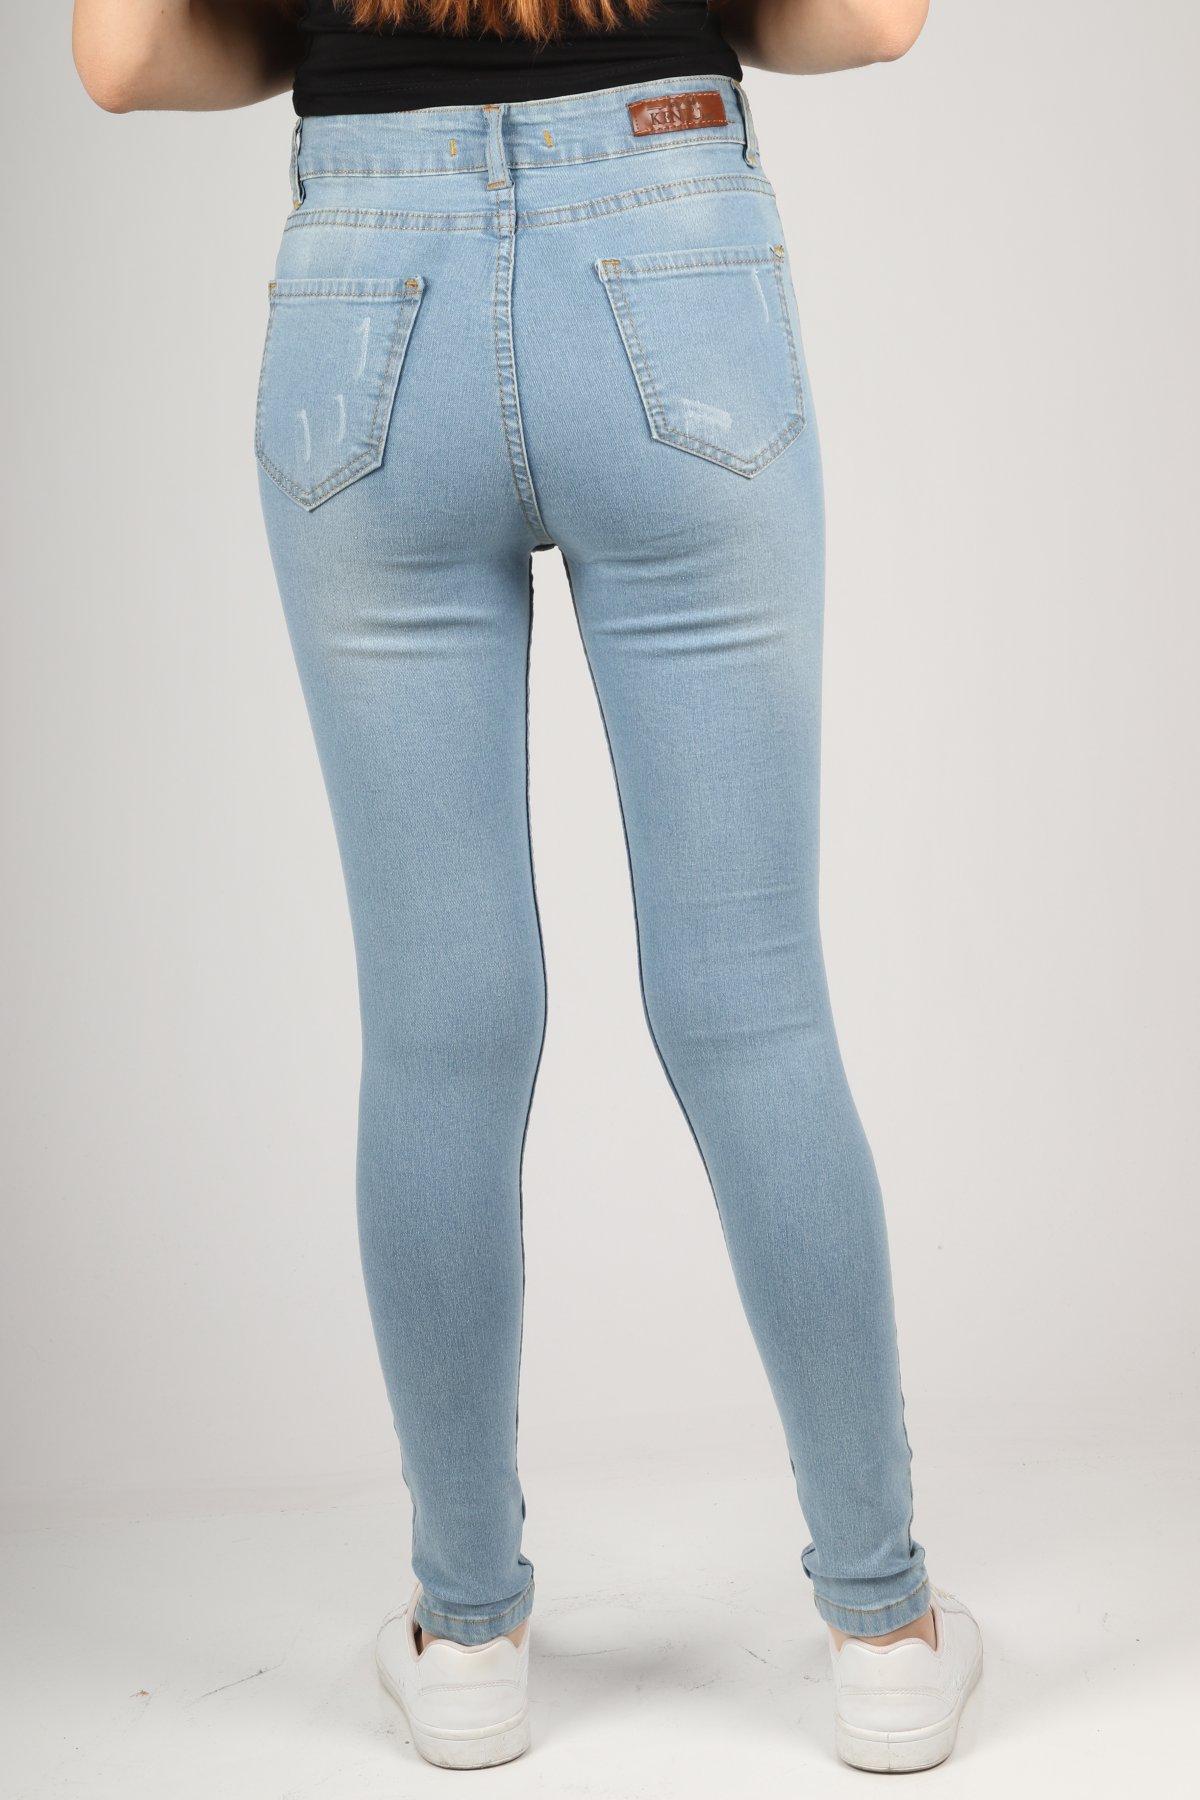 Pantolon Y.bel Tırnaklı 2104